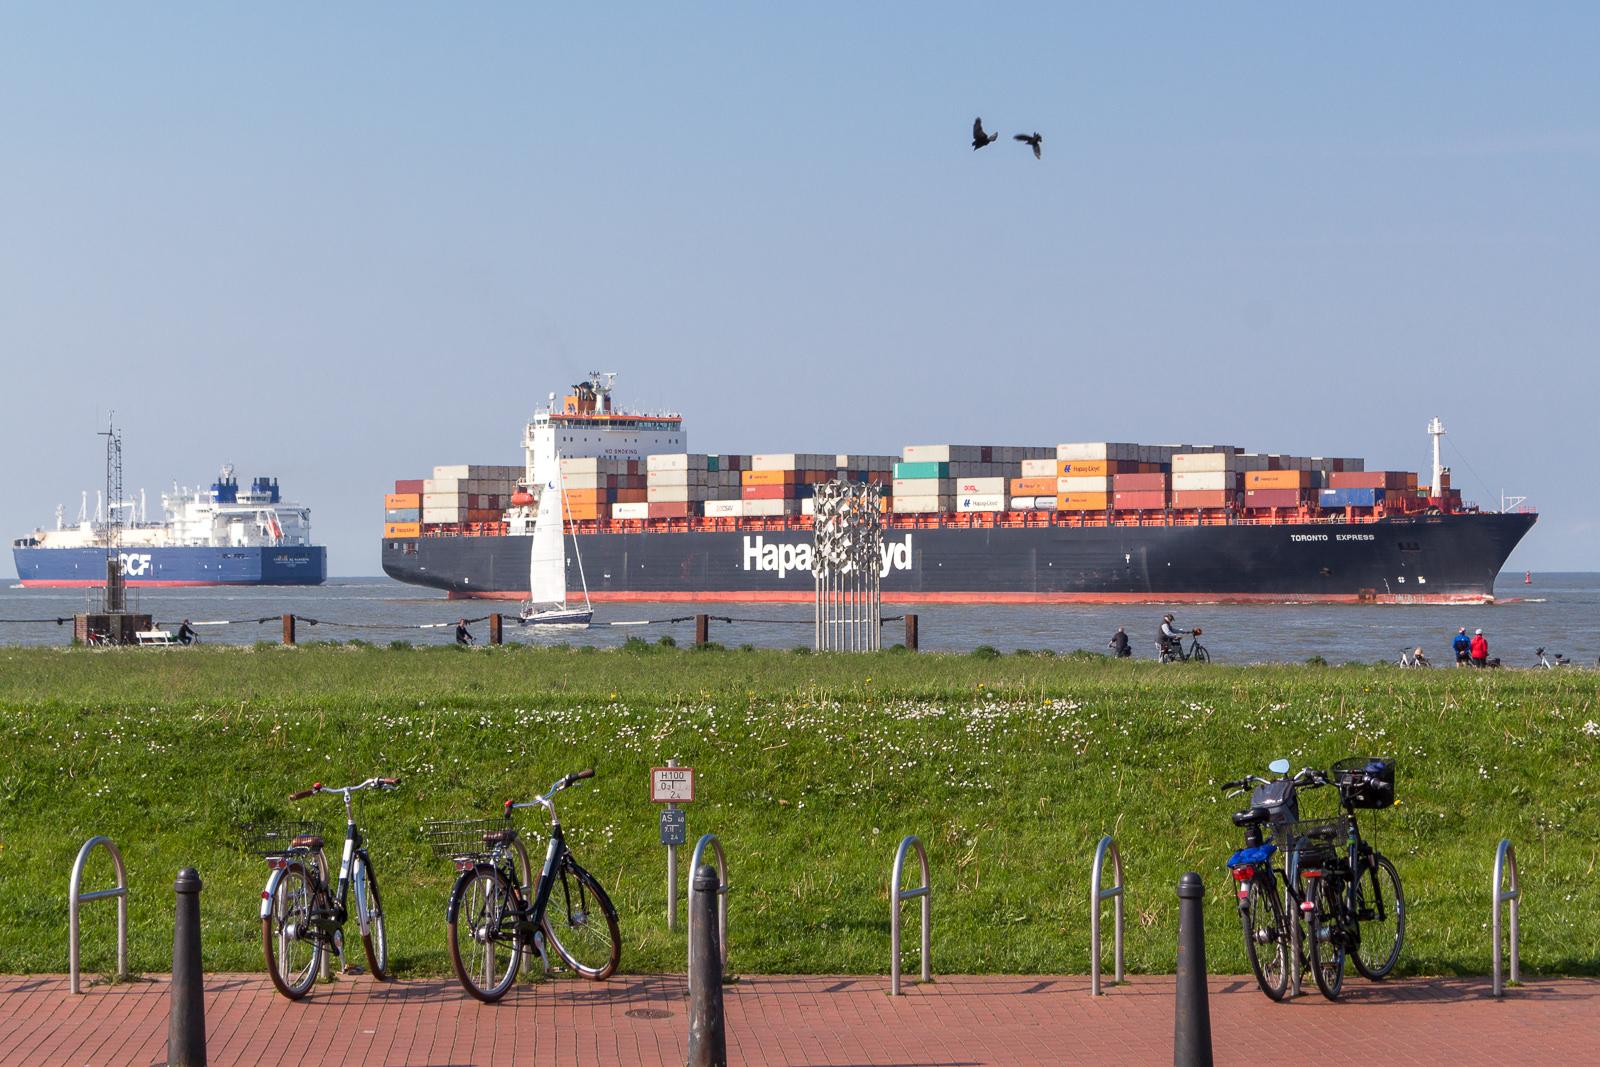 Cuxhaven, Wochenendreise, Hafen, Hafenrundfahrt, Schiffe, Boote